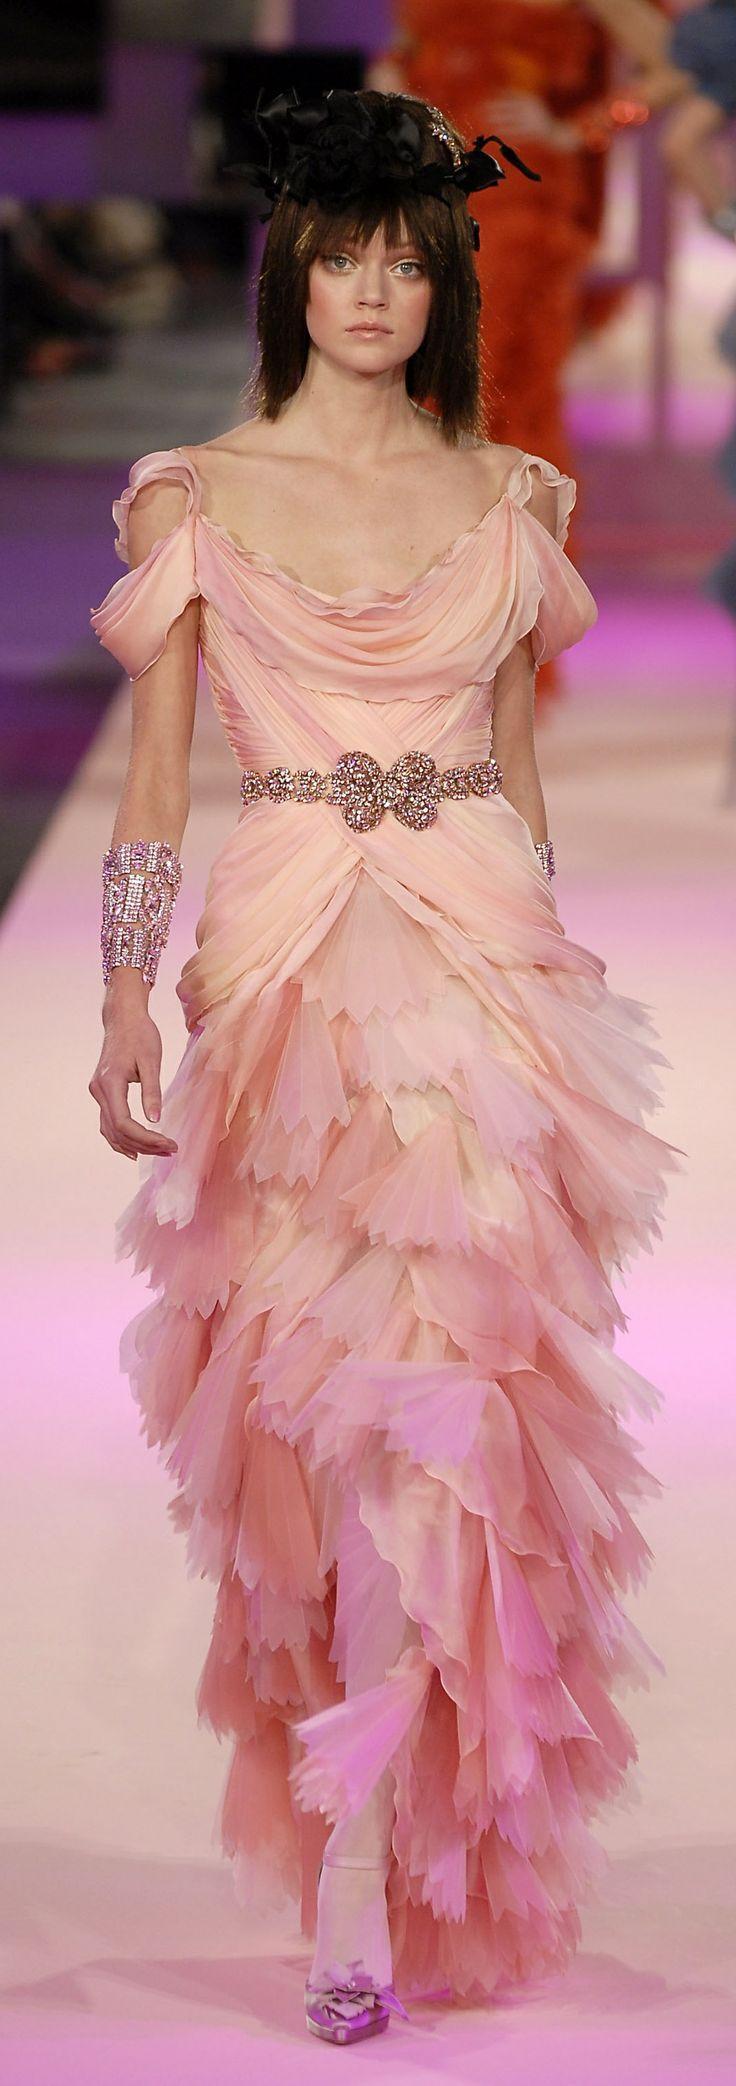 زفاف - Gowns.....Pastel Pinks